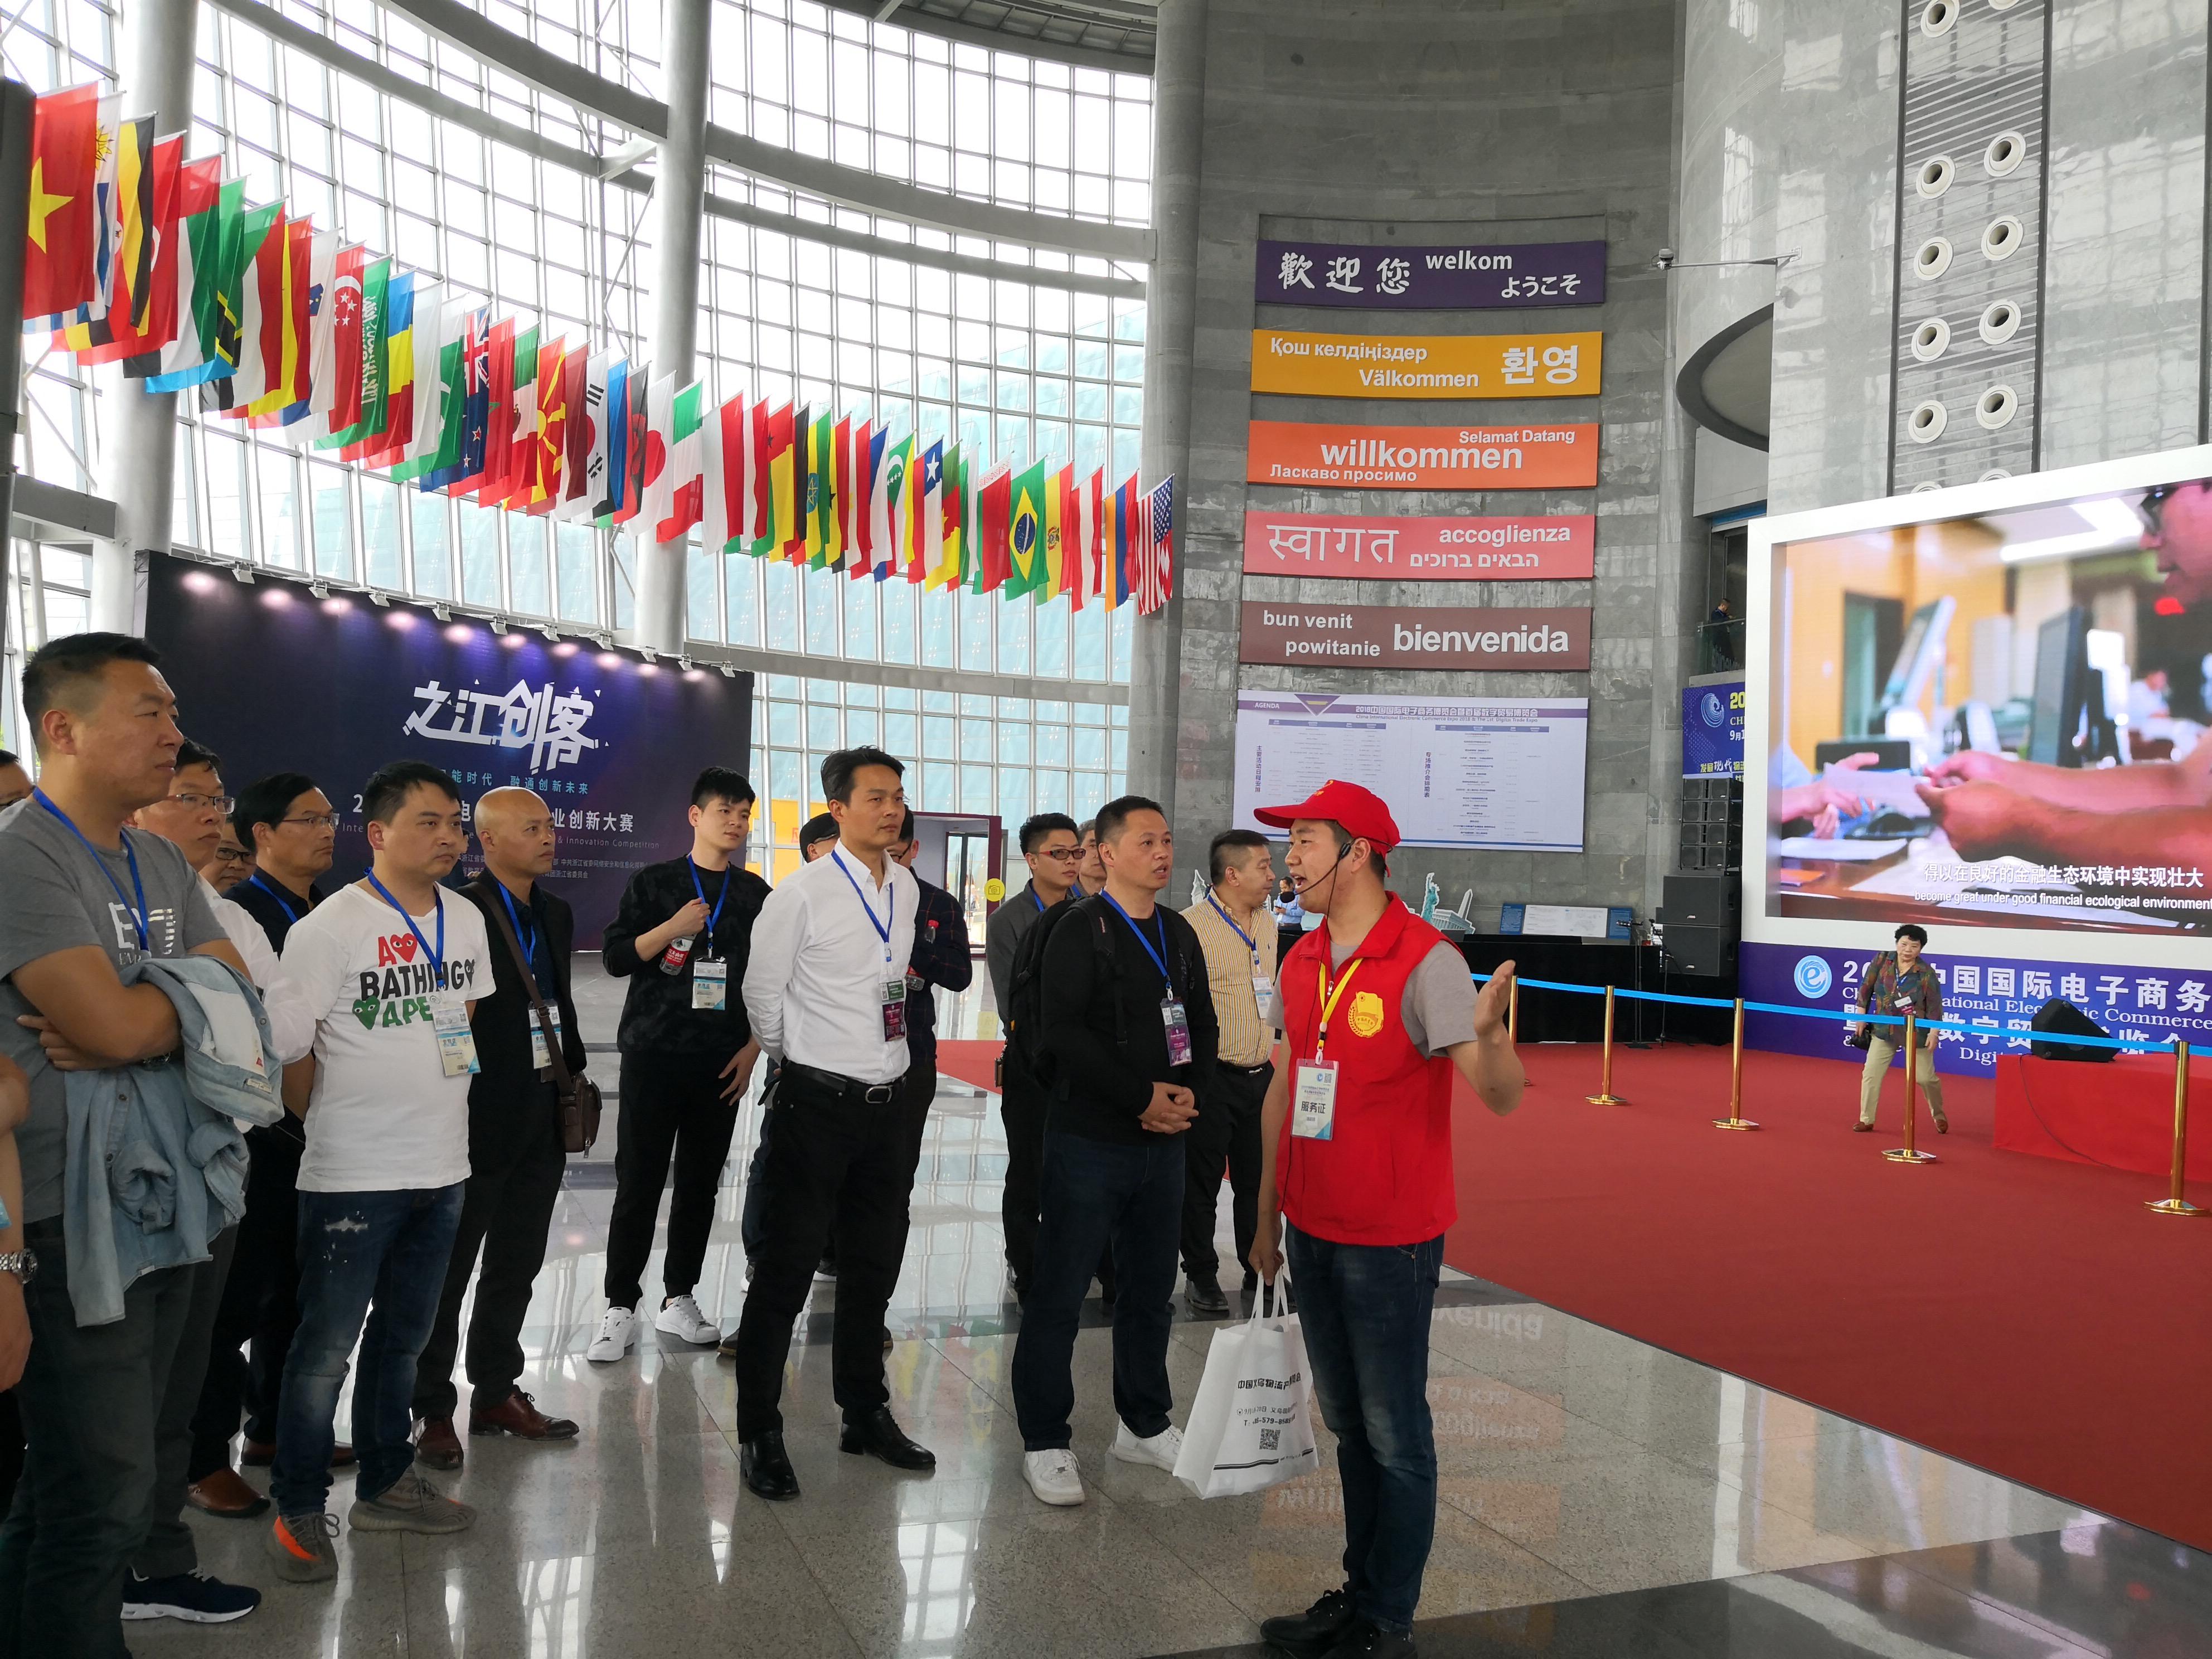 志愿者正在为参展嘉宾、客商作电商博览会及义乌情况介绍。记者沈贞海 摄